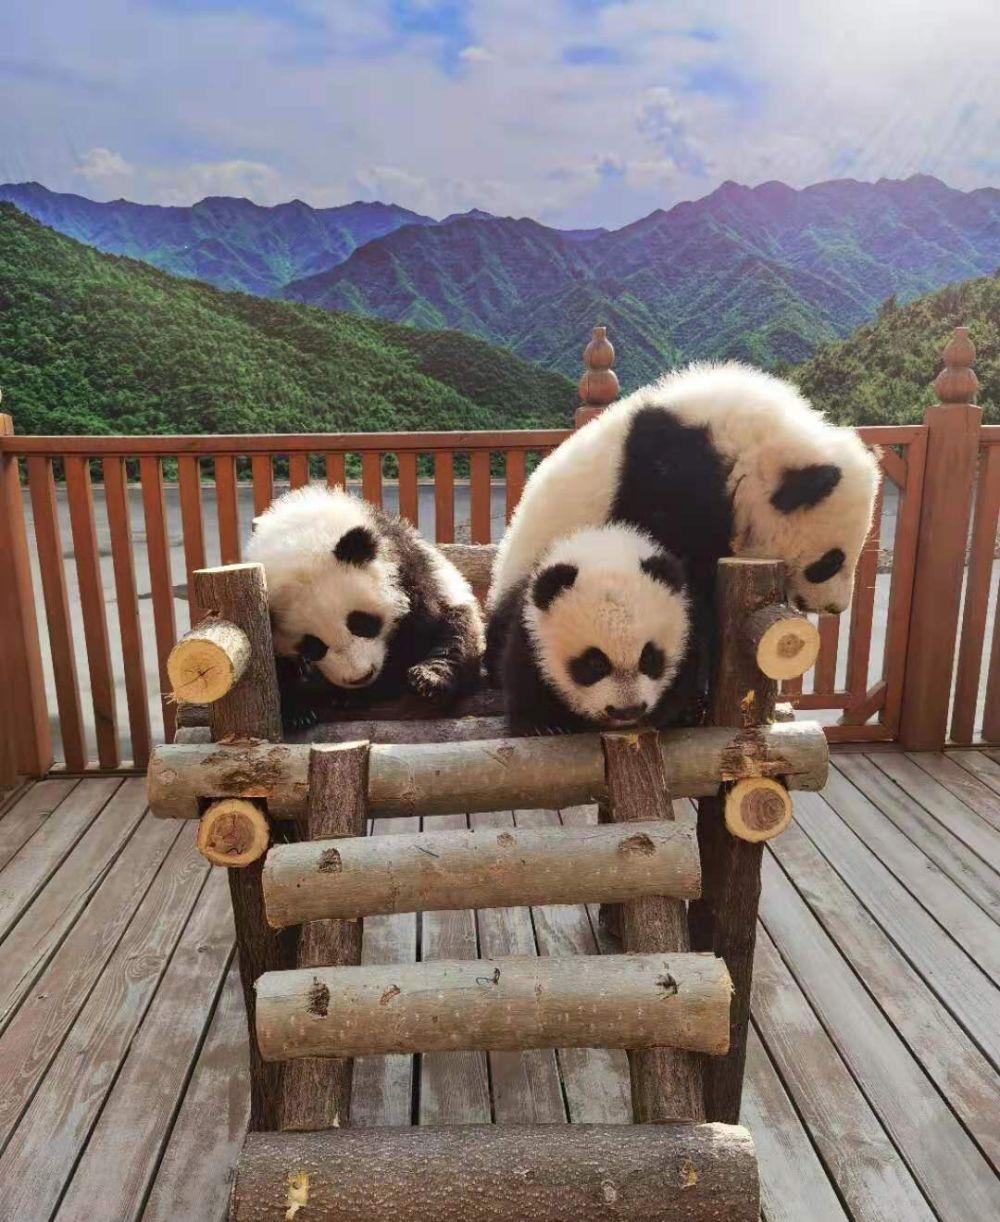 秦韵、秦秀、秦美、秦华 秦岭大熊猫宝宝有名字了